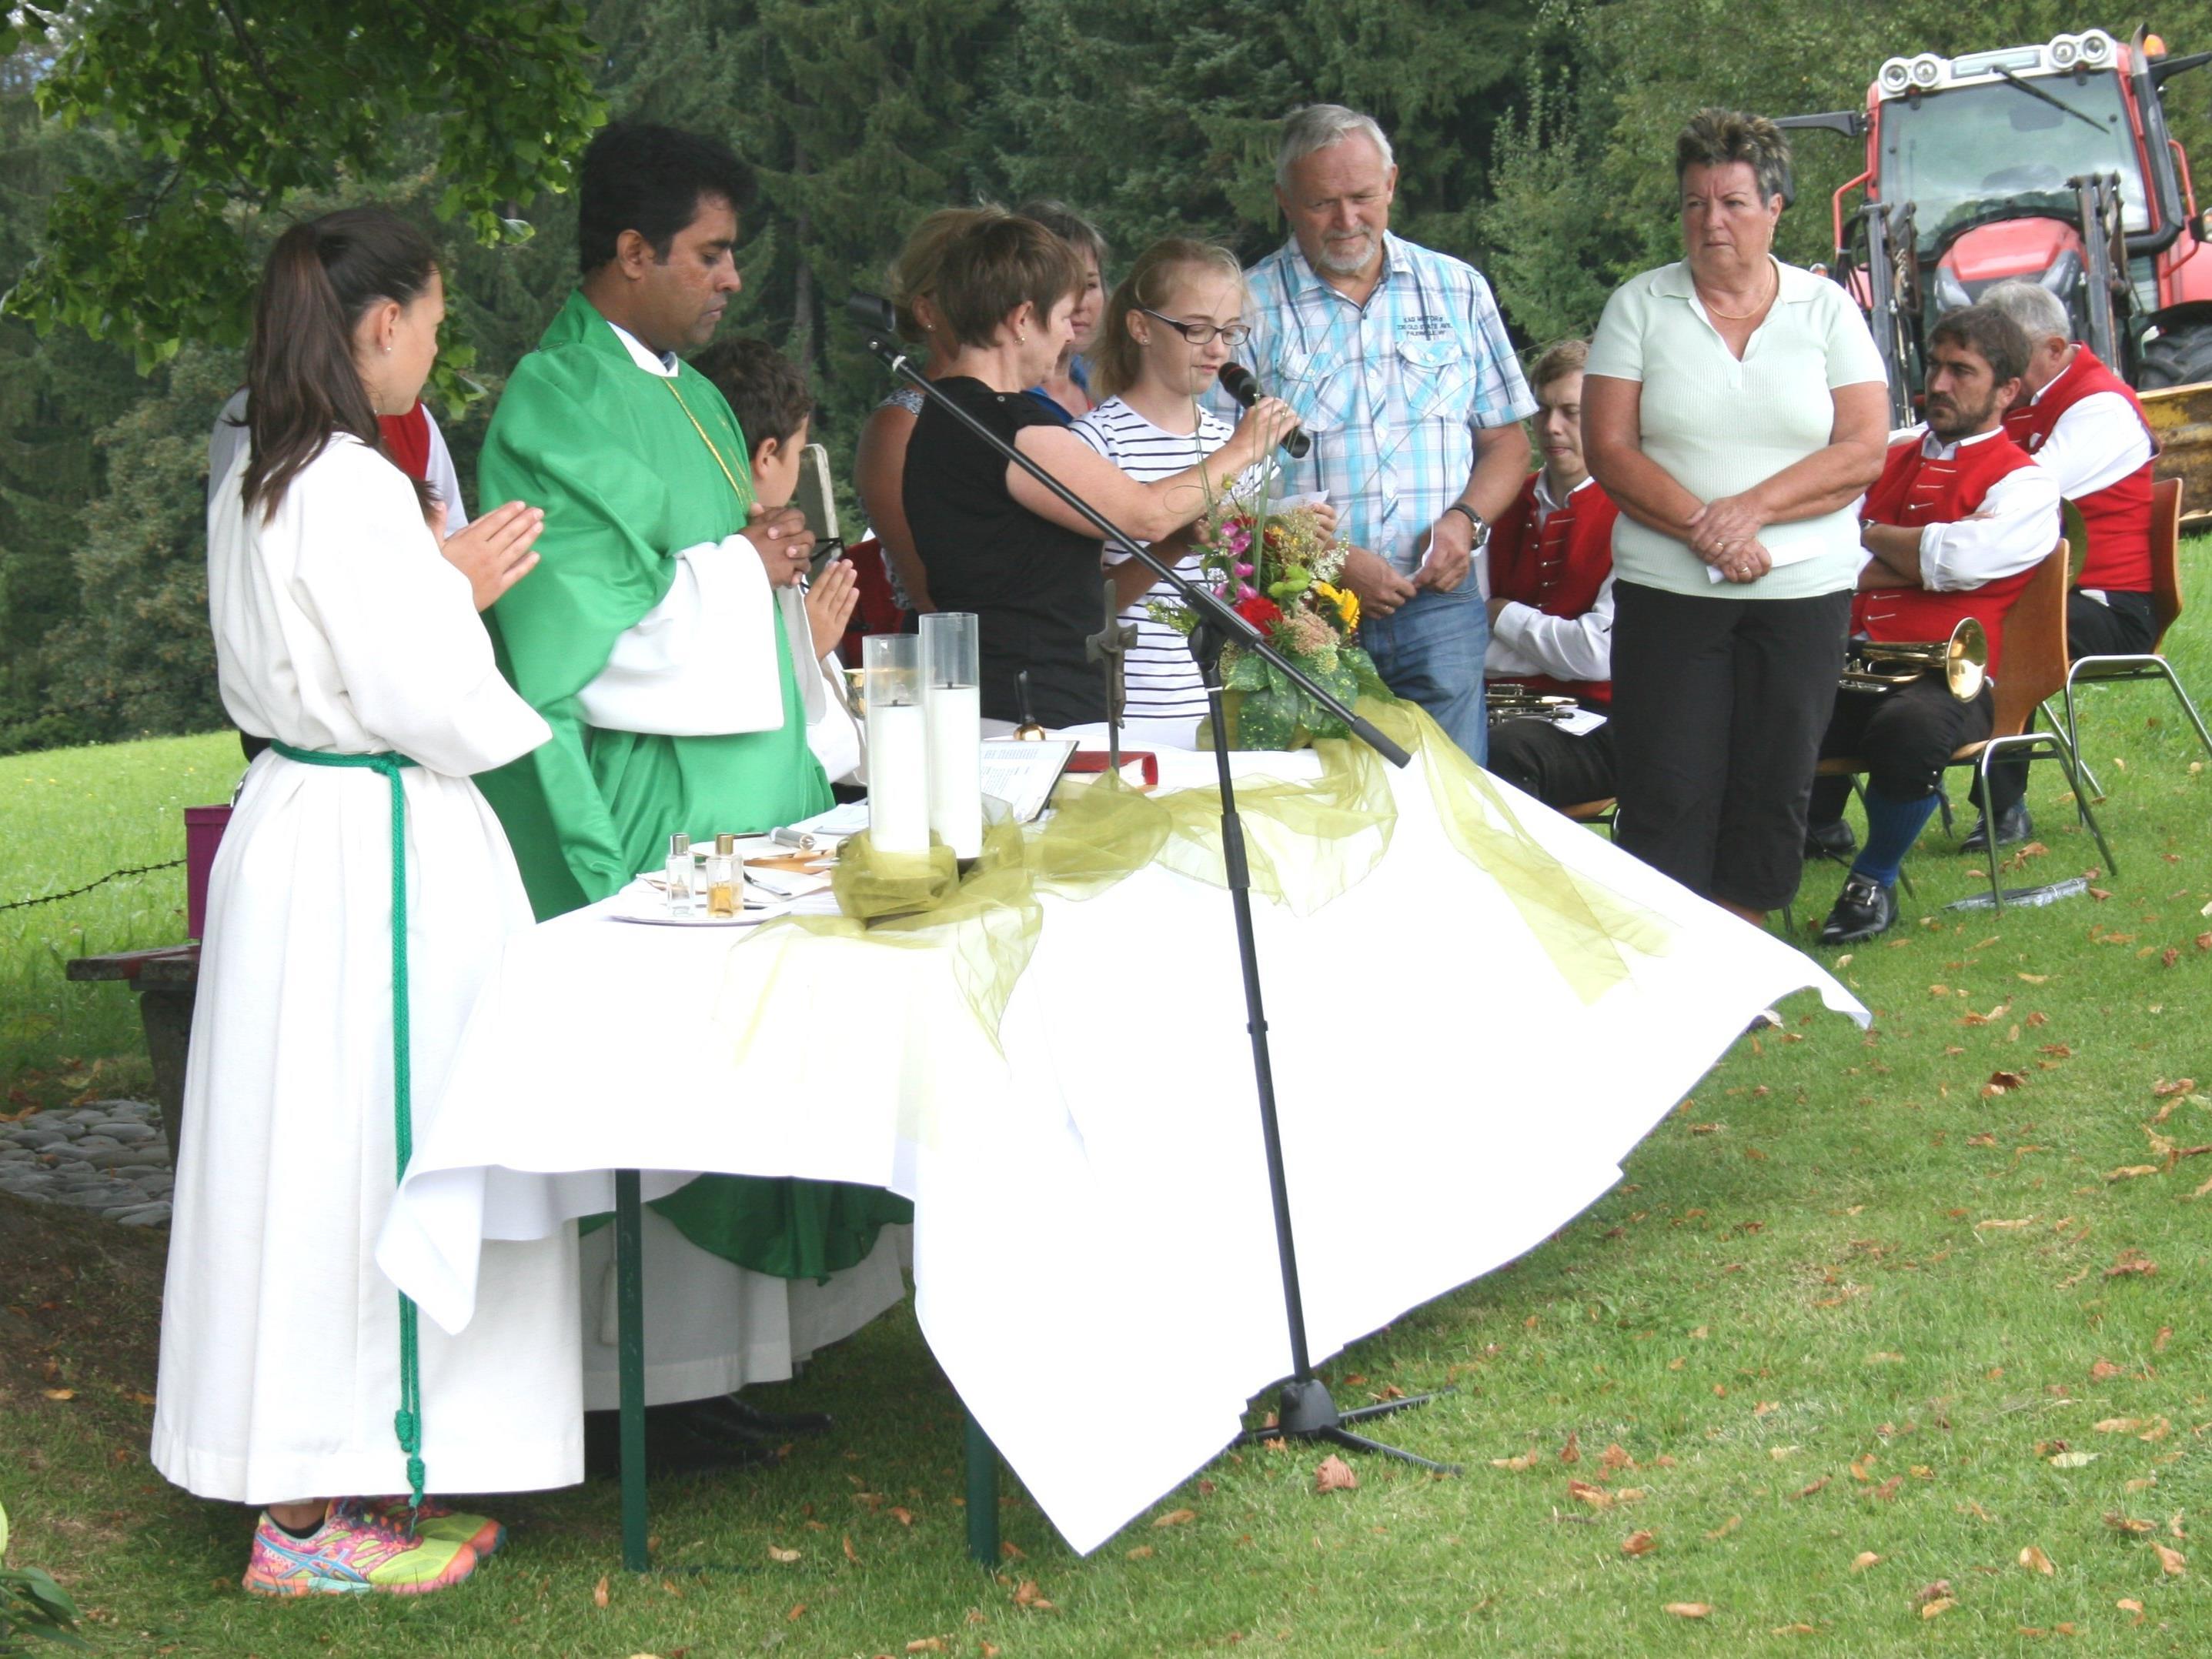 Pfarrmitglieder aus drei Gemeinden gestalteteten den Gottesdienst.